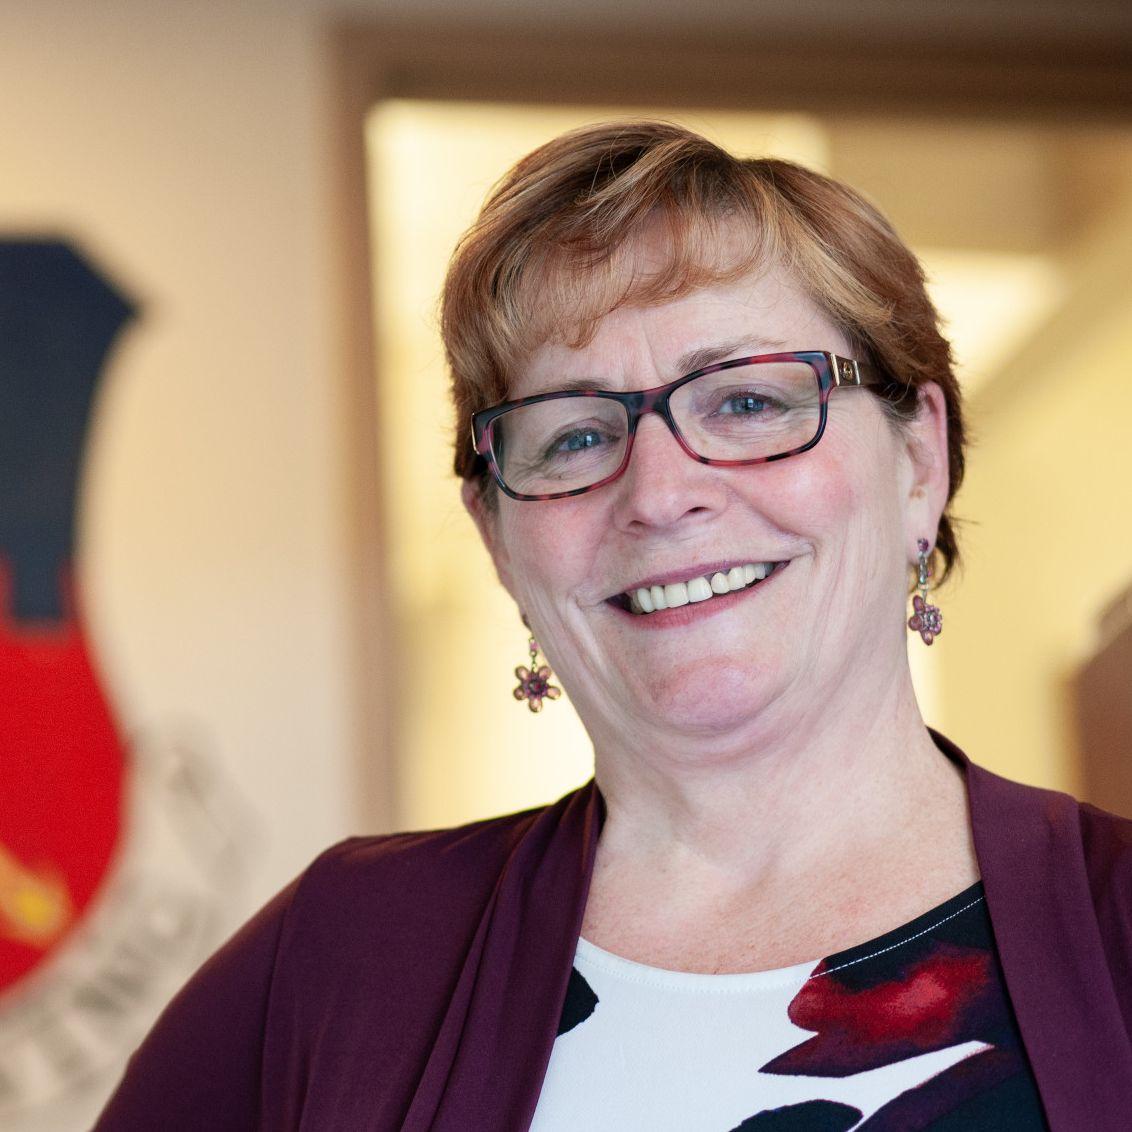 Jacqueline Harding